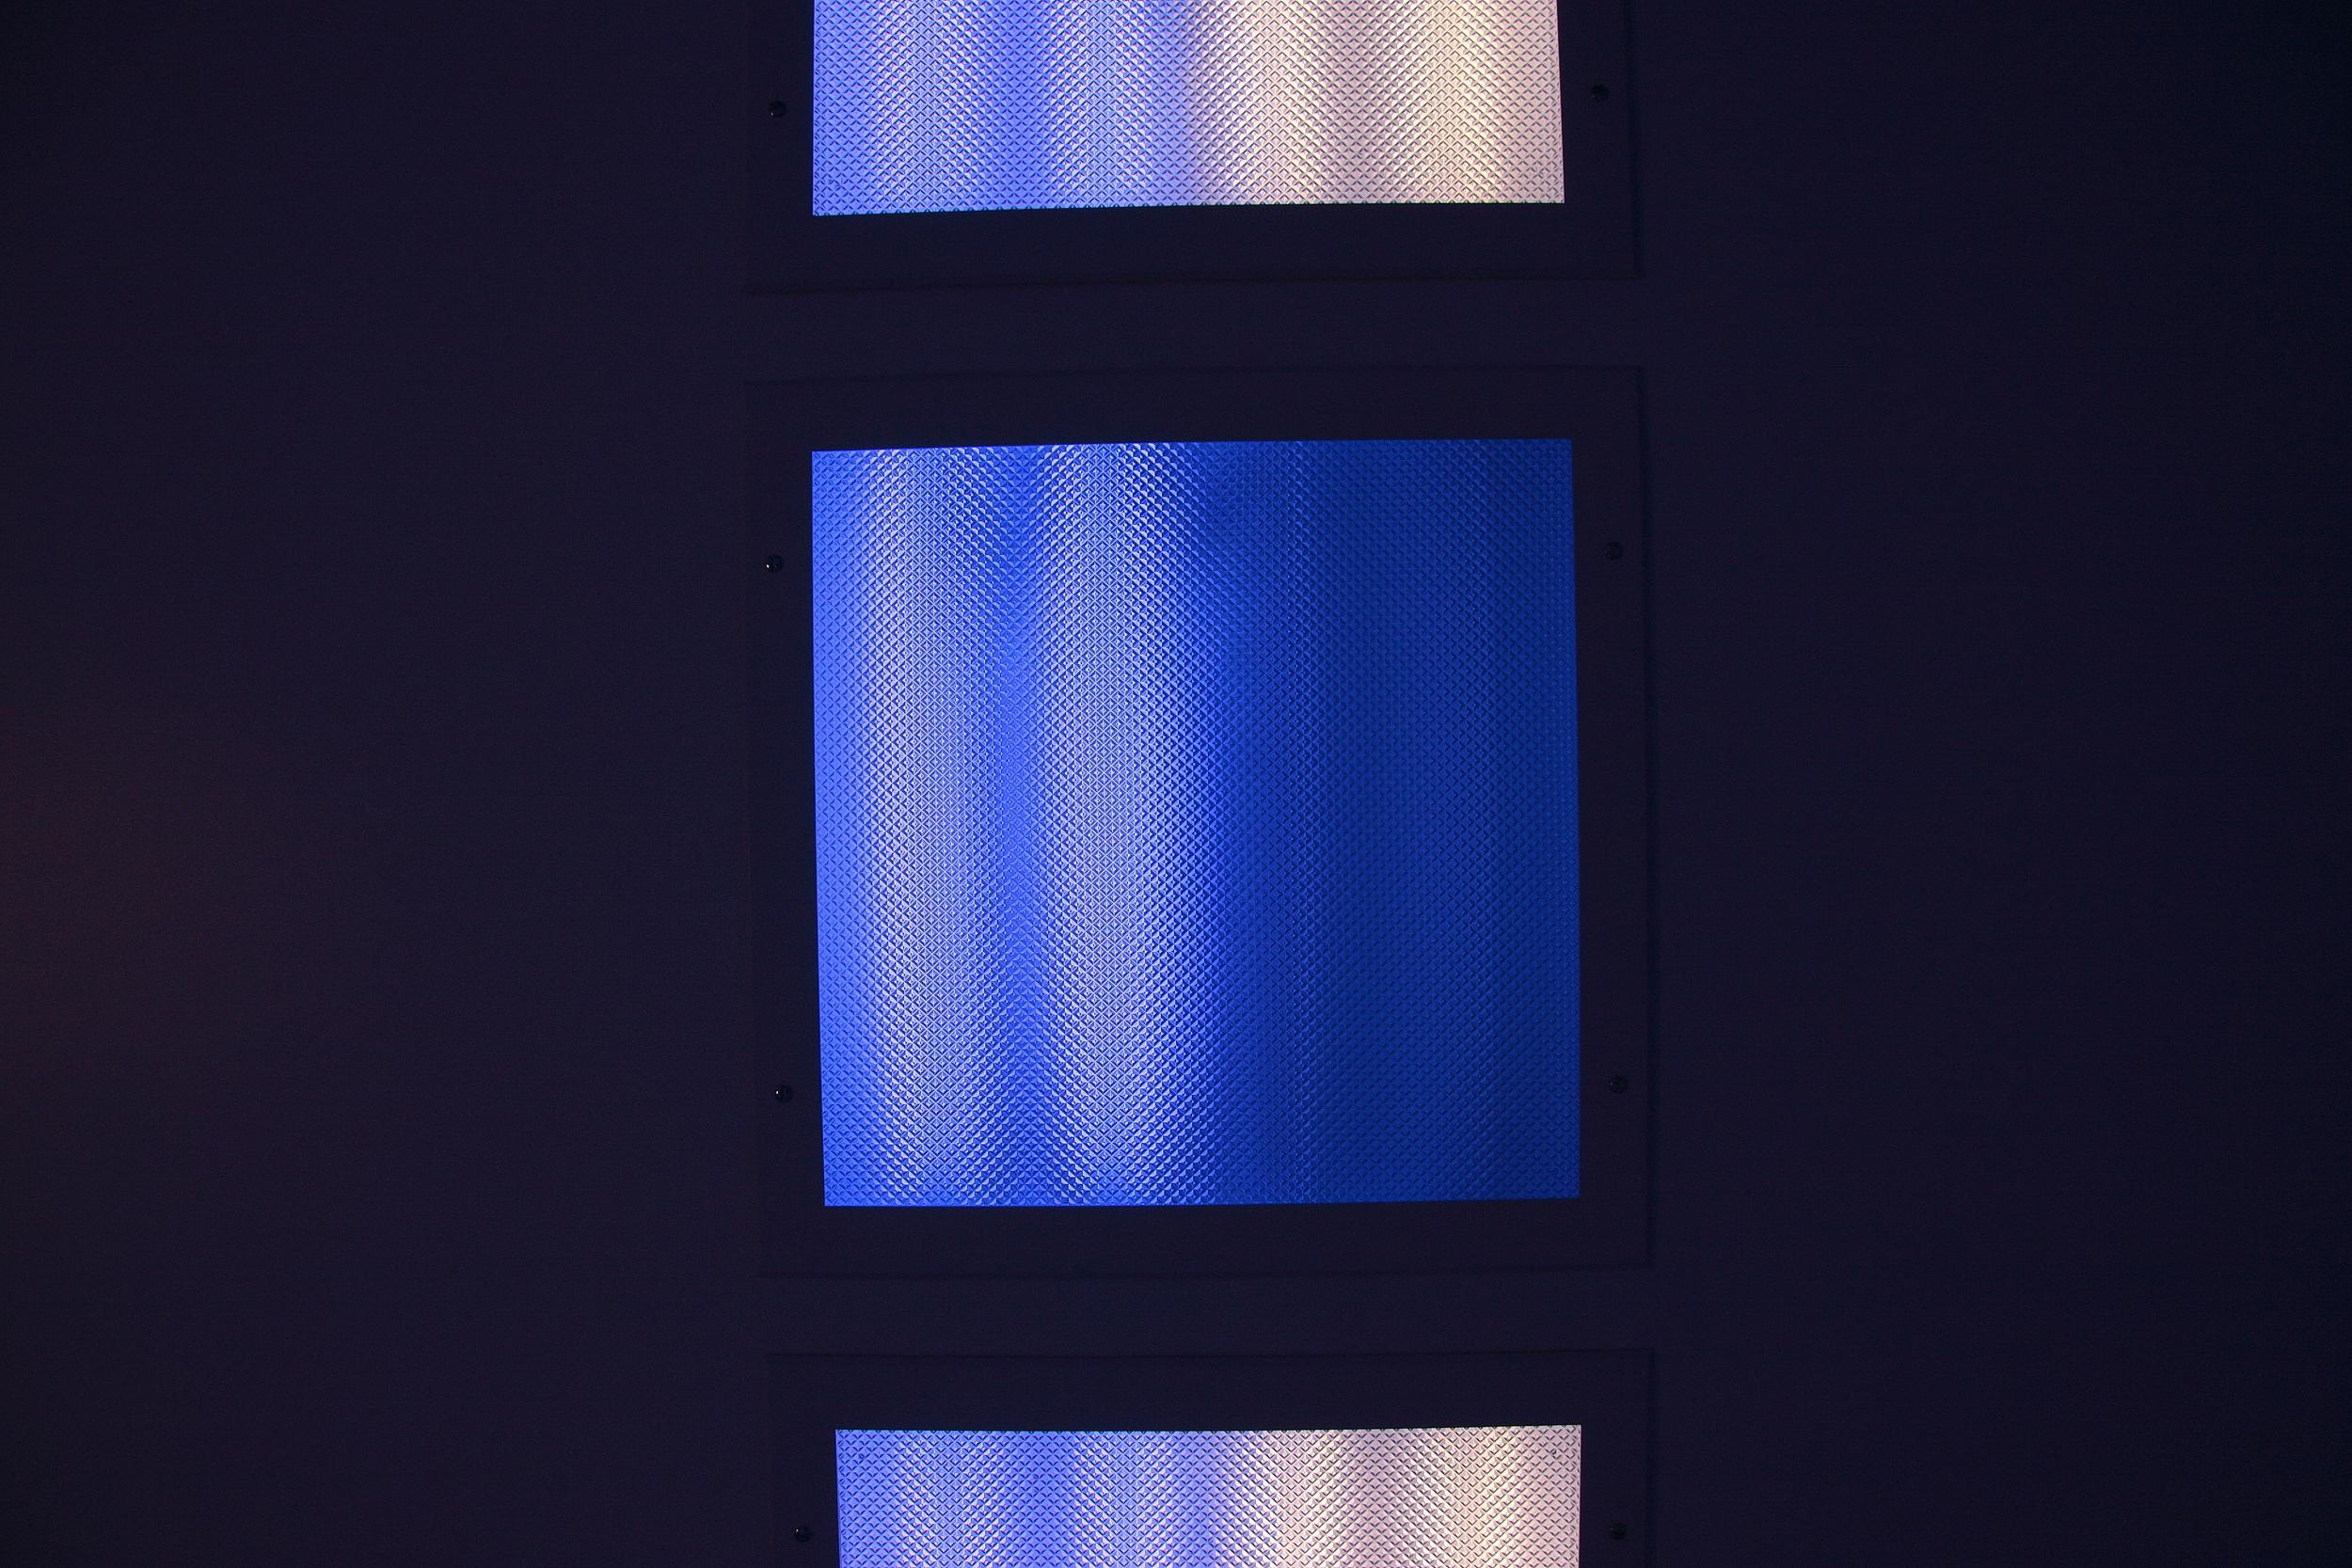 2008_08_01_3115-S&T_Kenepuru.JPG